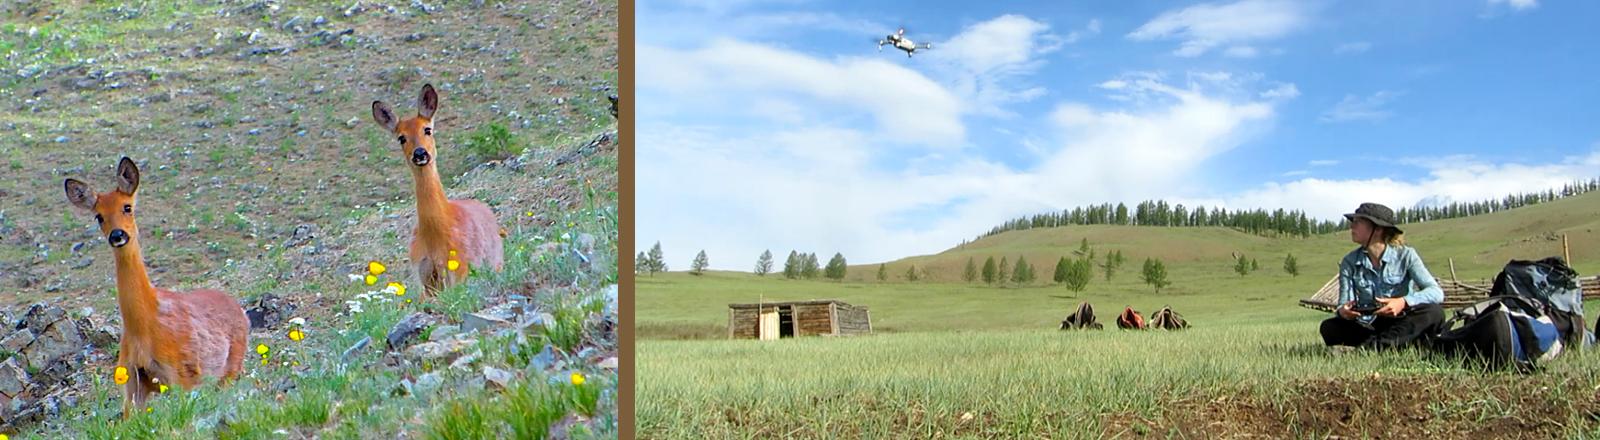 Hirsche und eine Frau mit Drohne